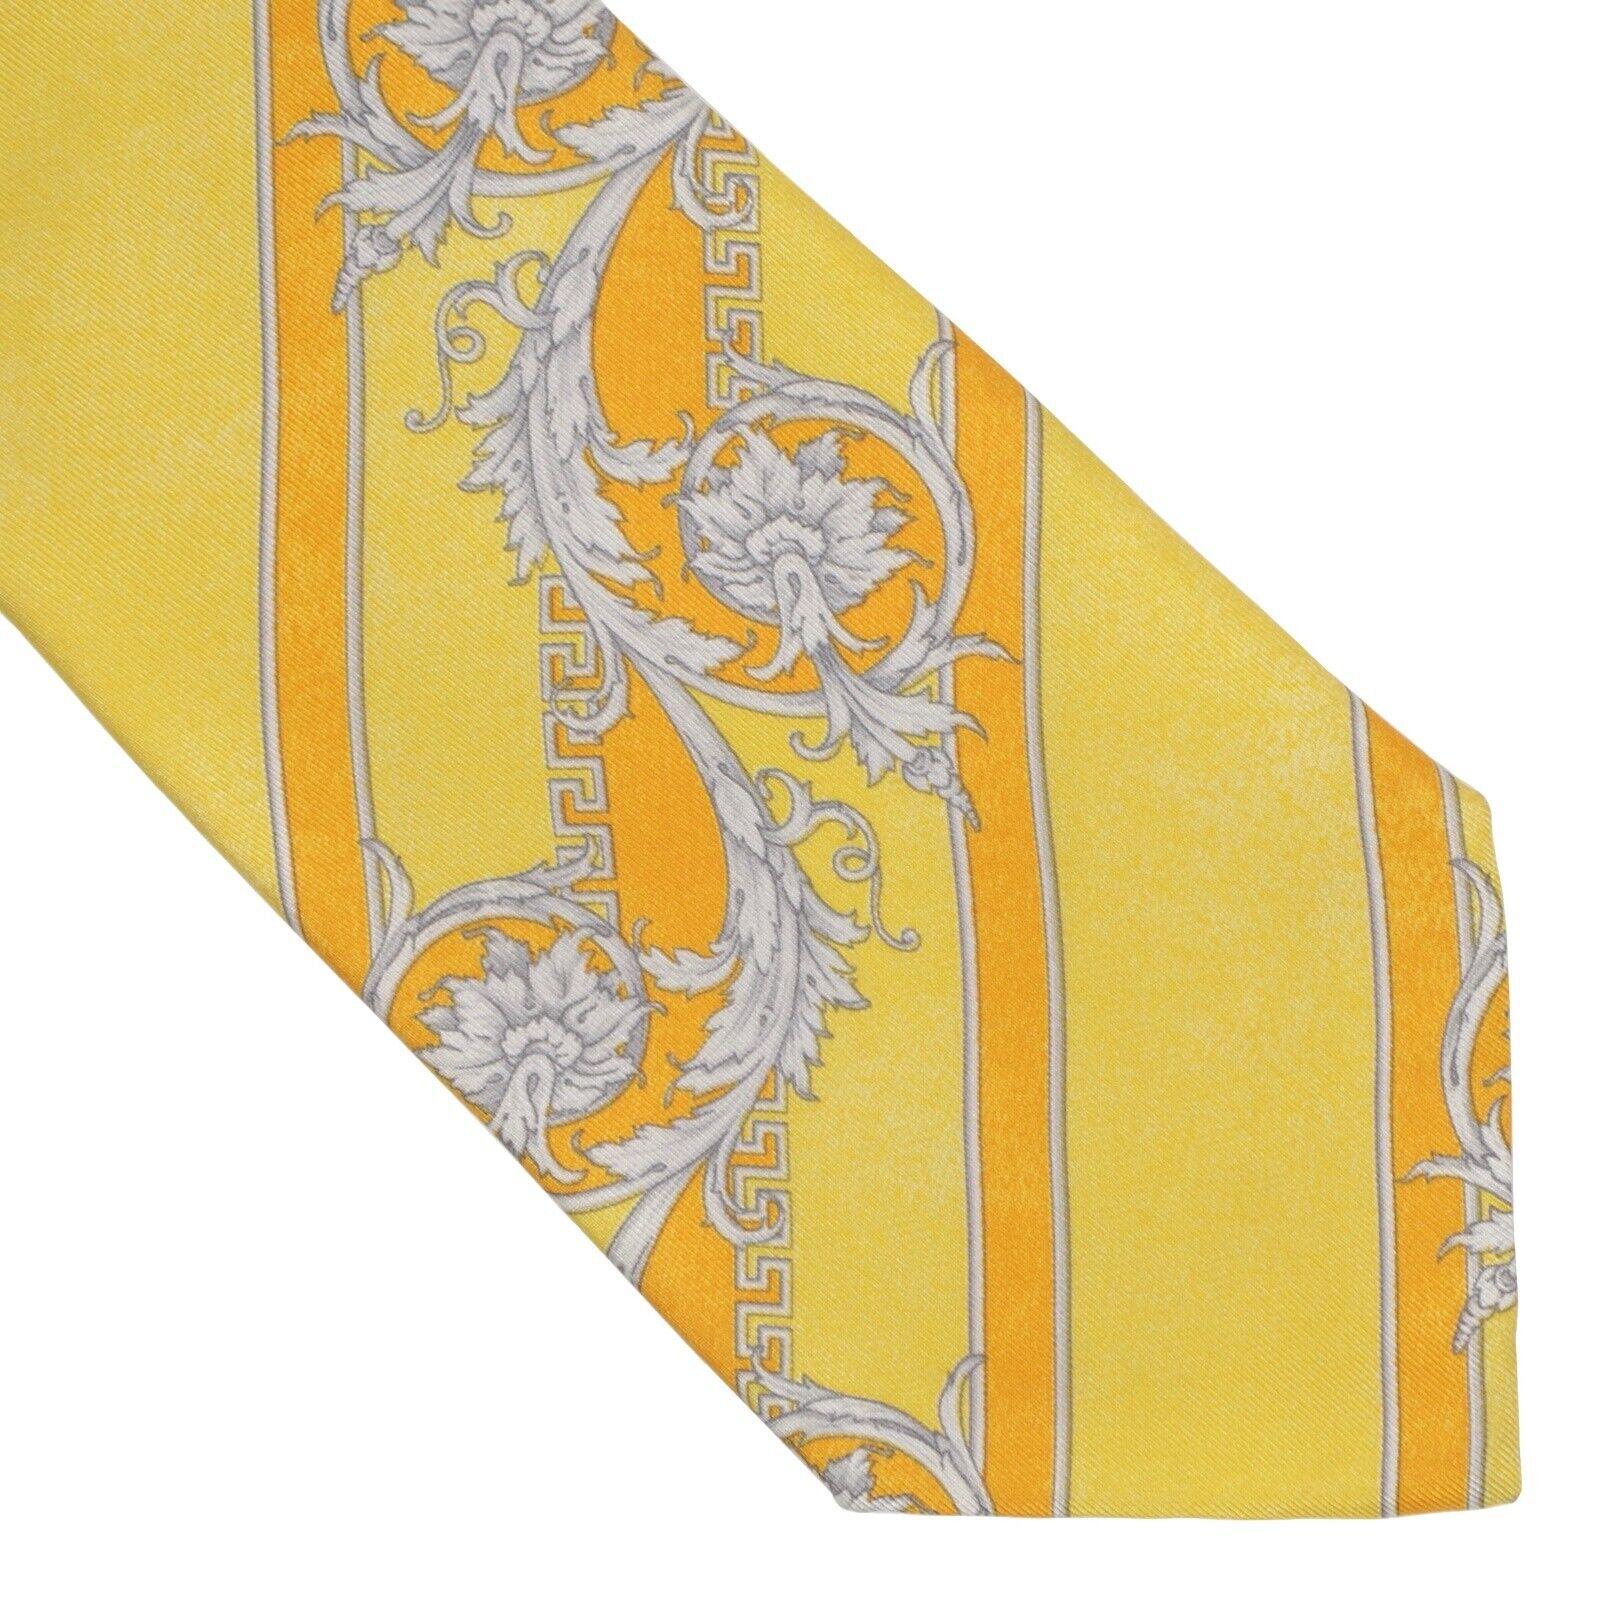 VINTAGE V2 Versace Krawatte Tie Blumen Seide Gelb Gold Streifen Floral Yellow